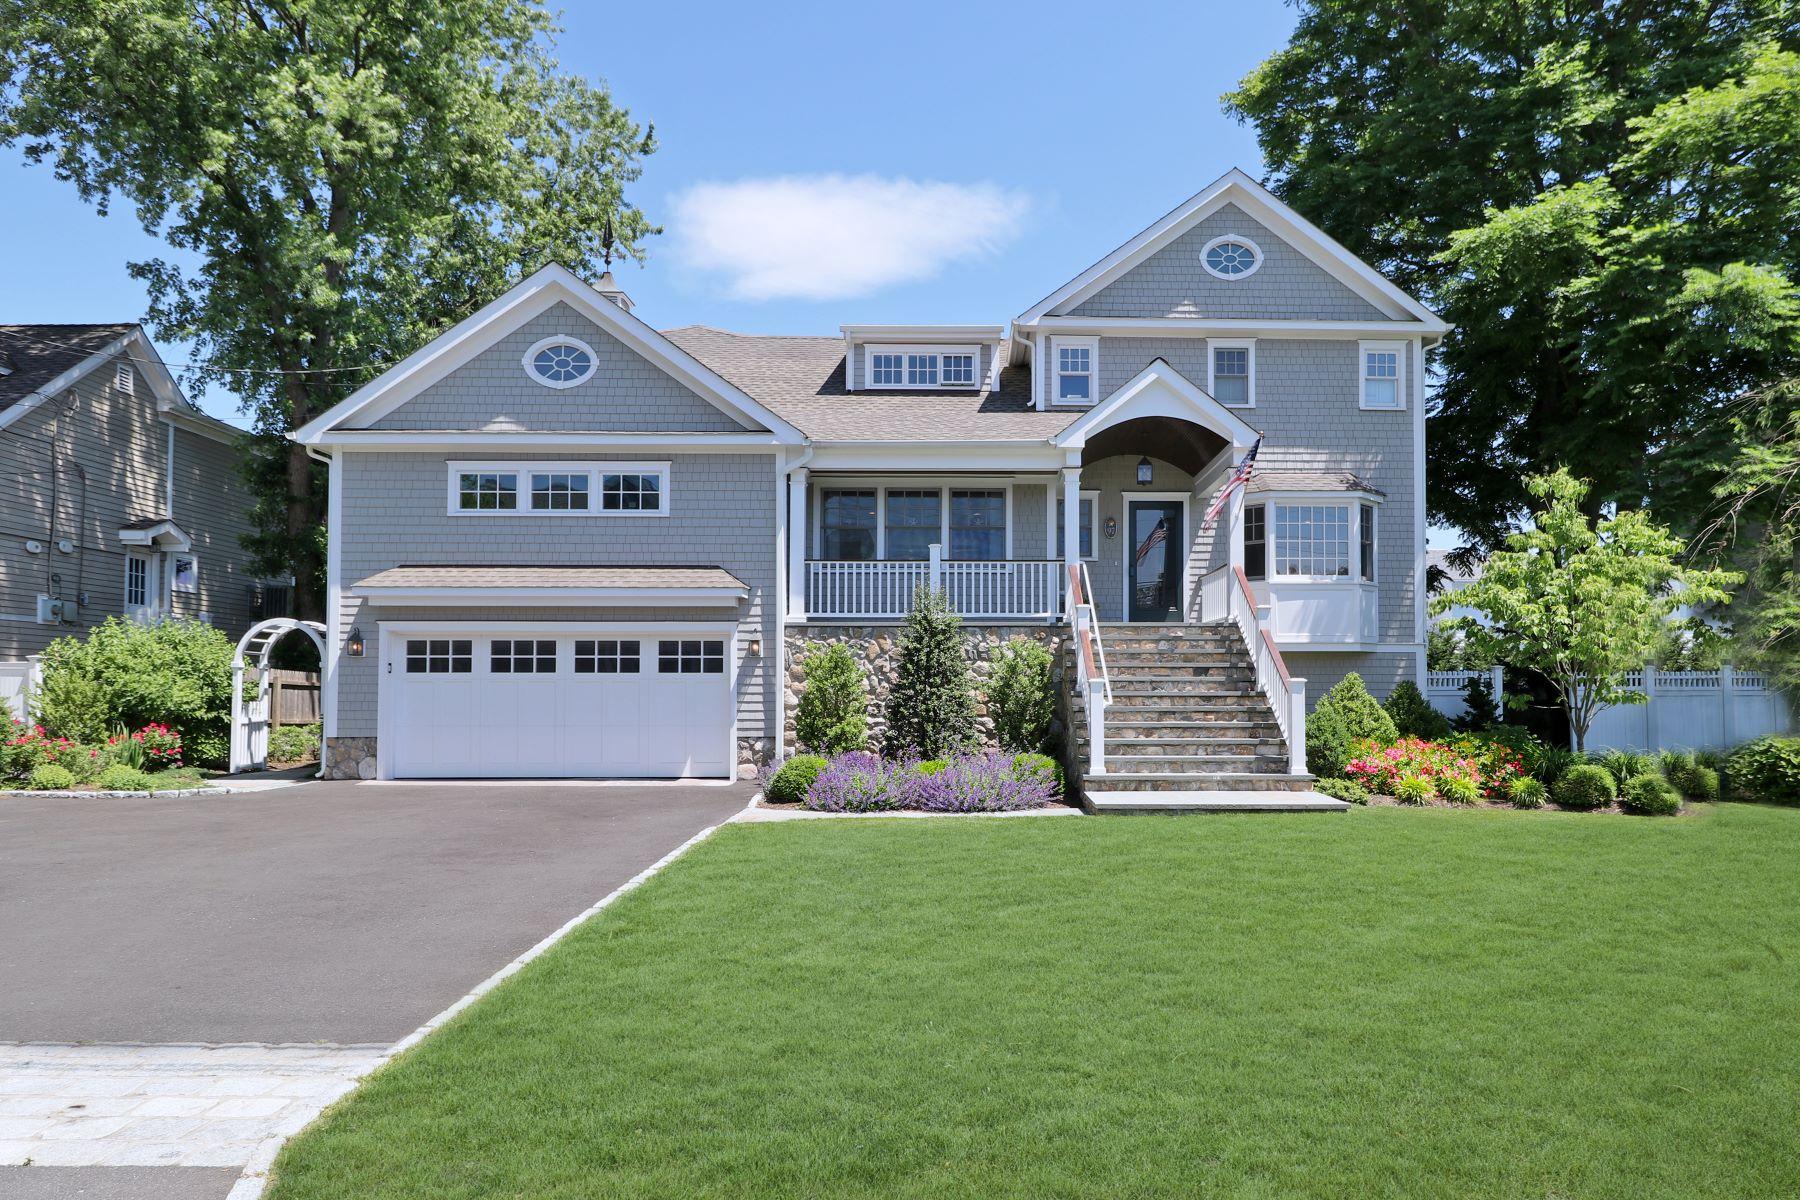 Single Family Homes για την Πώληση στο Walk to Beach! 97 Carlynn Drive, Fairfield, Κονεκτικατ 06824 Ηνωμένες Πολιτείες